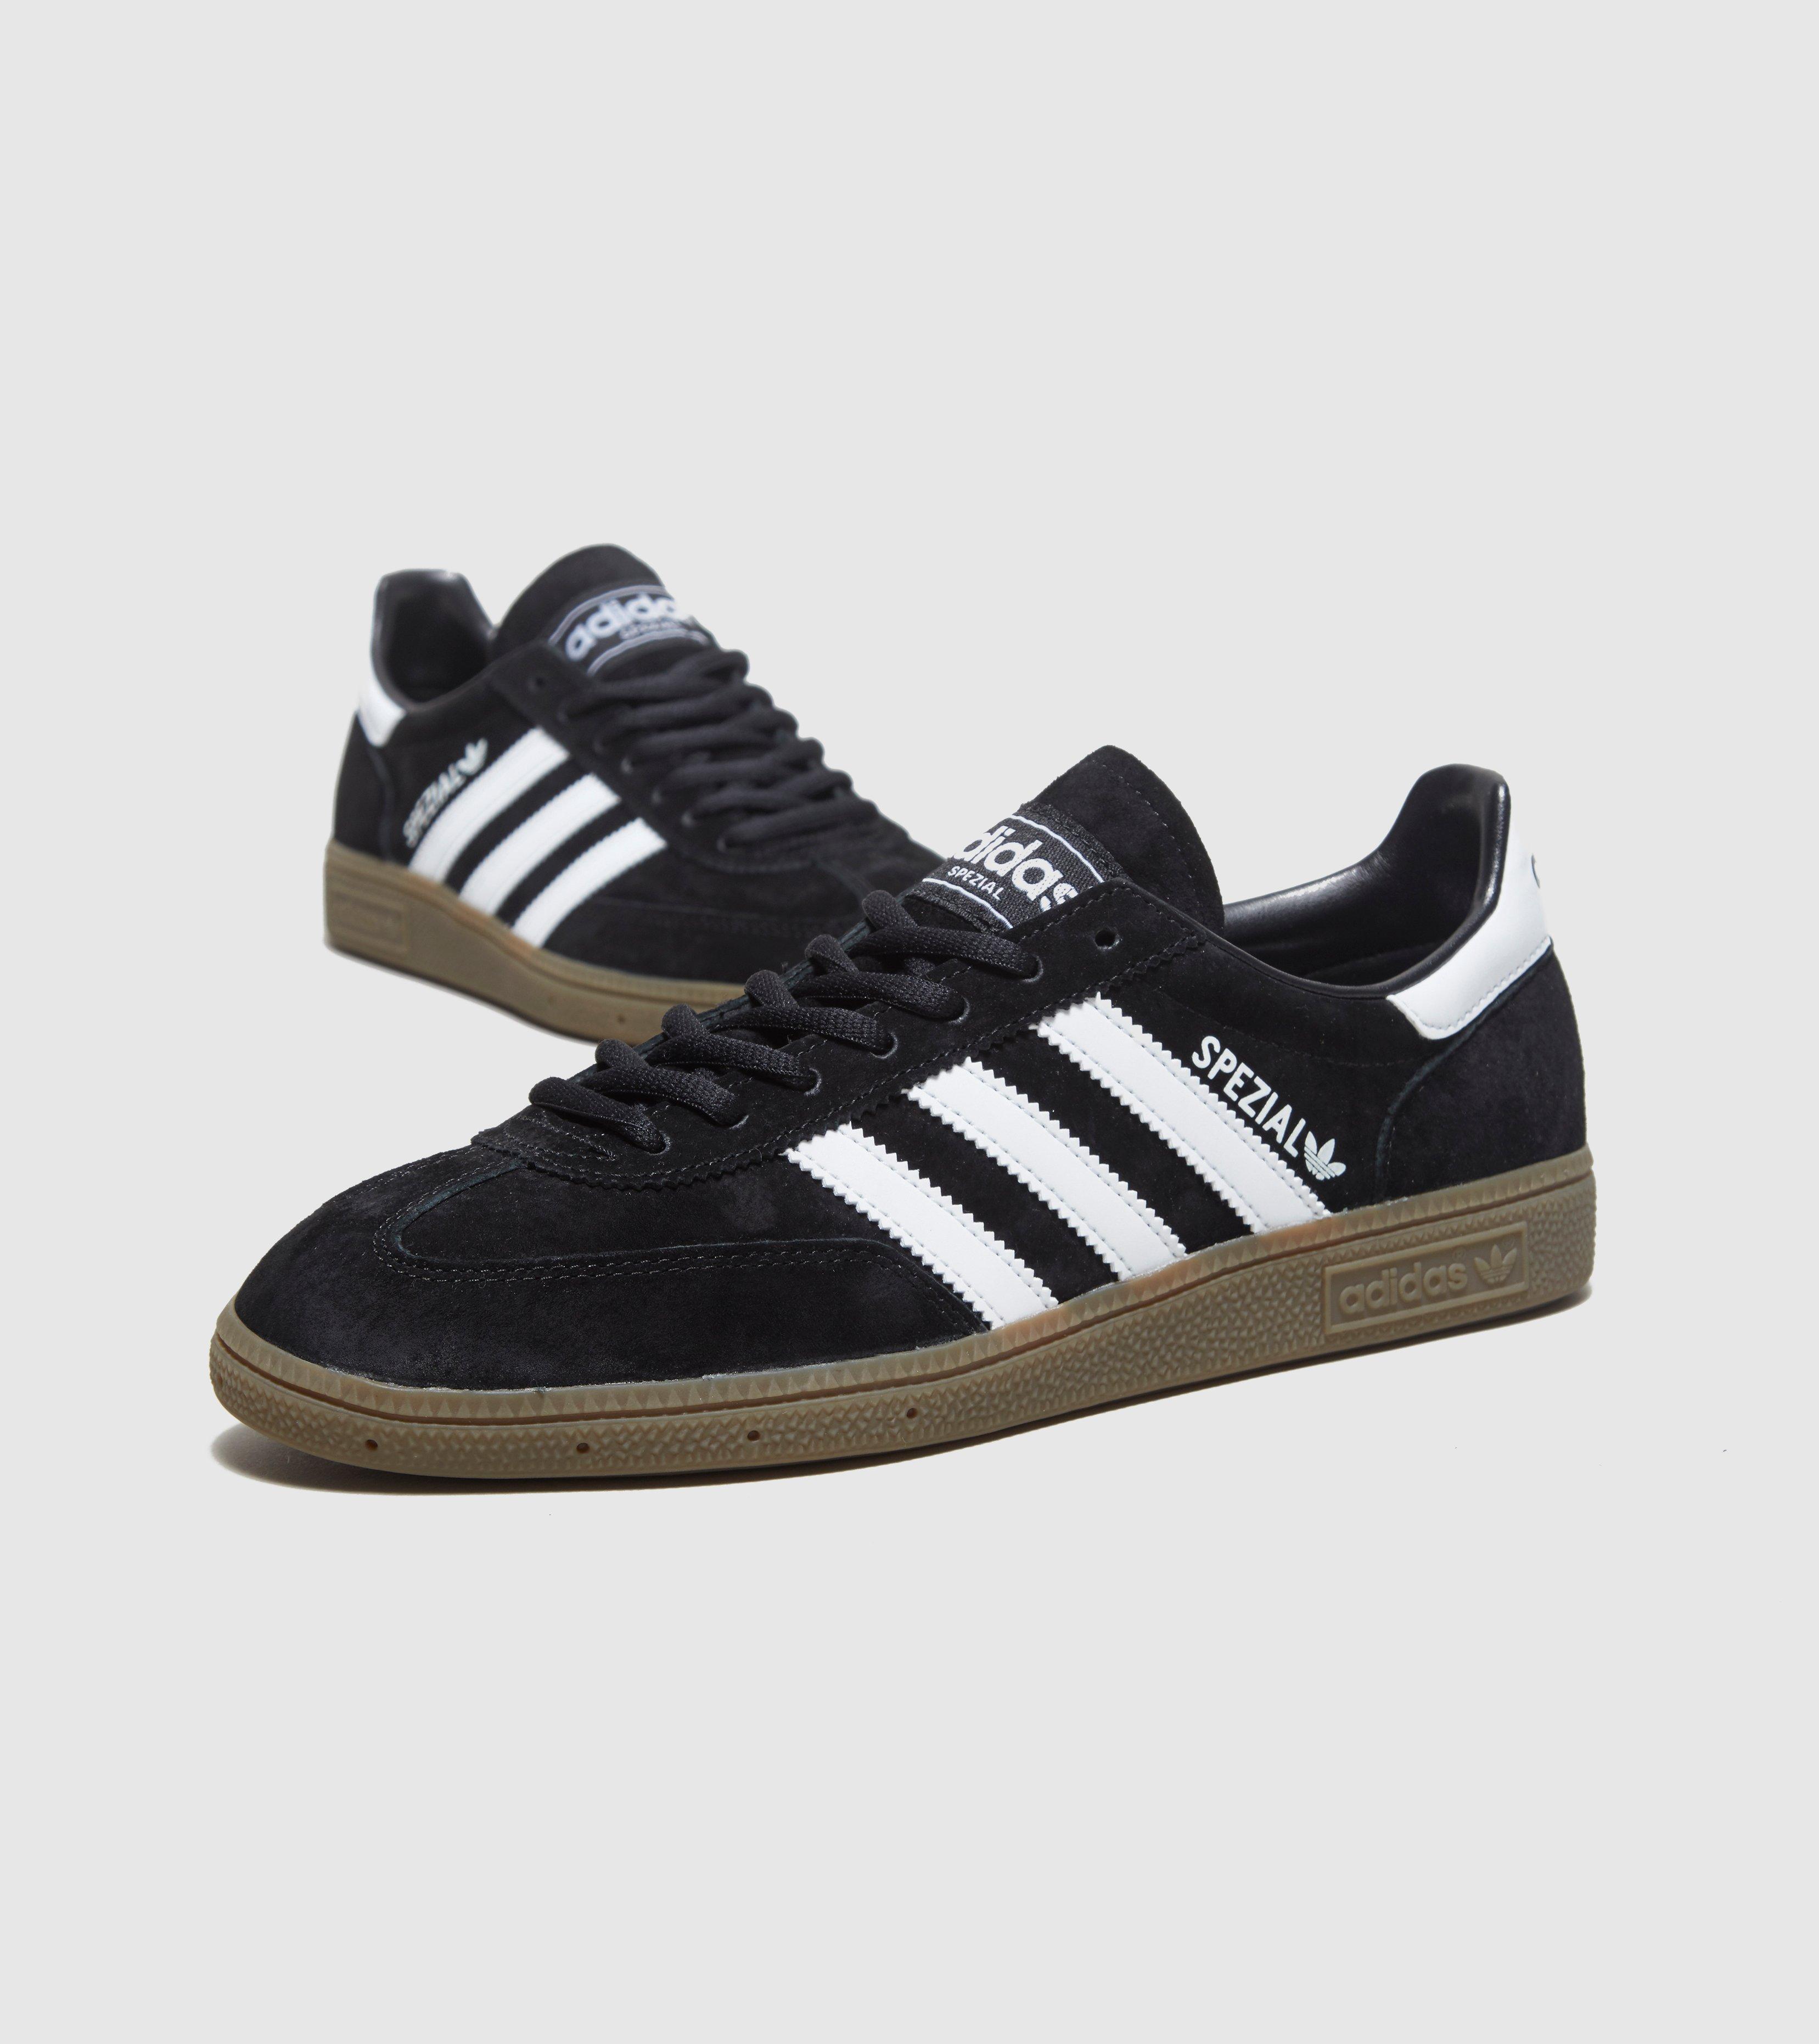 b3250383fab6 Adidas Originals Spezial in Black for Men - Lyst